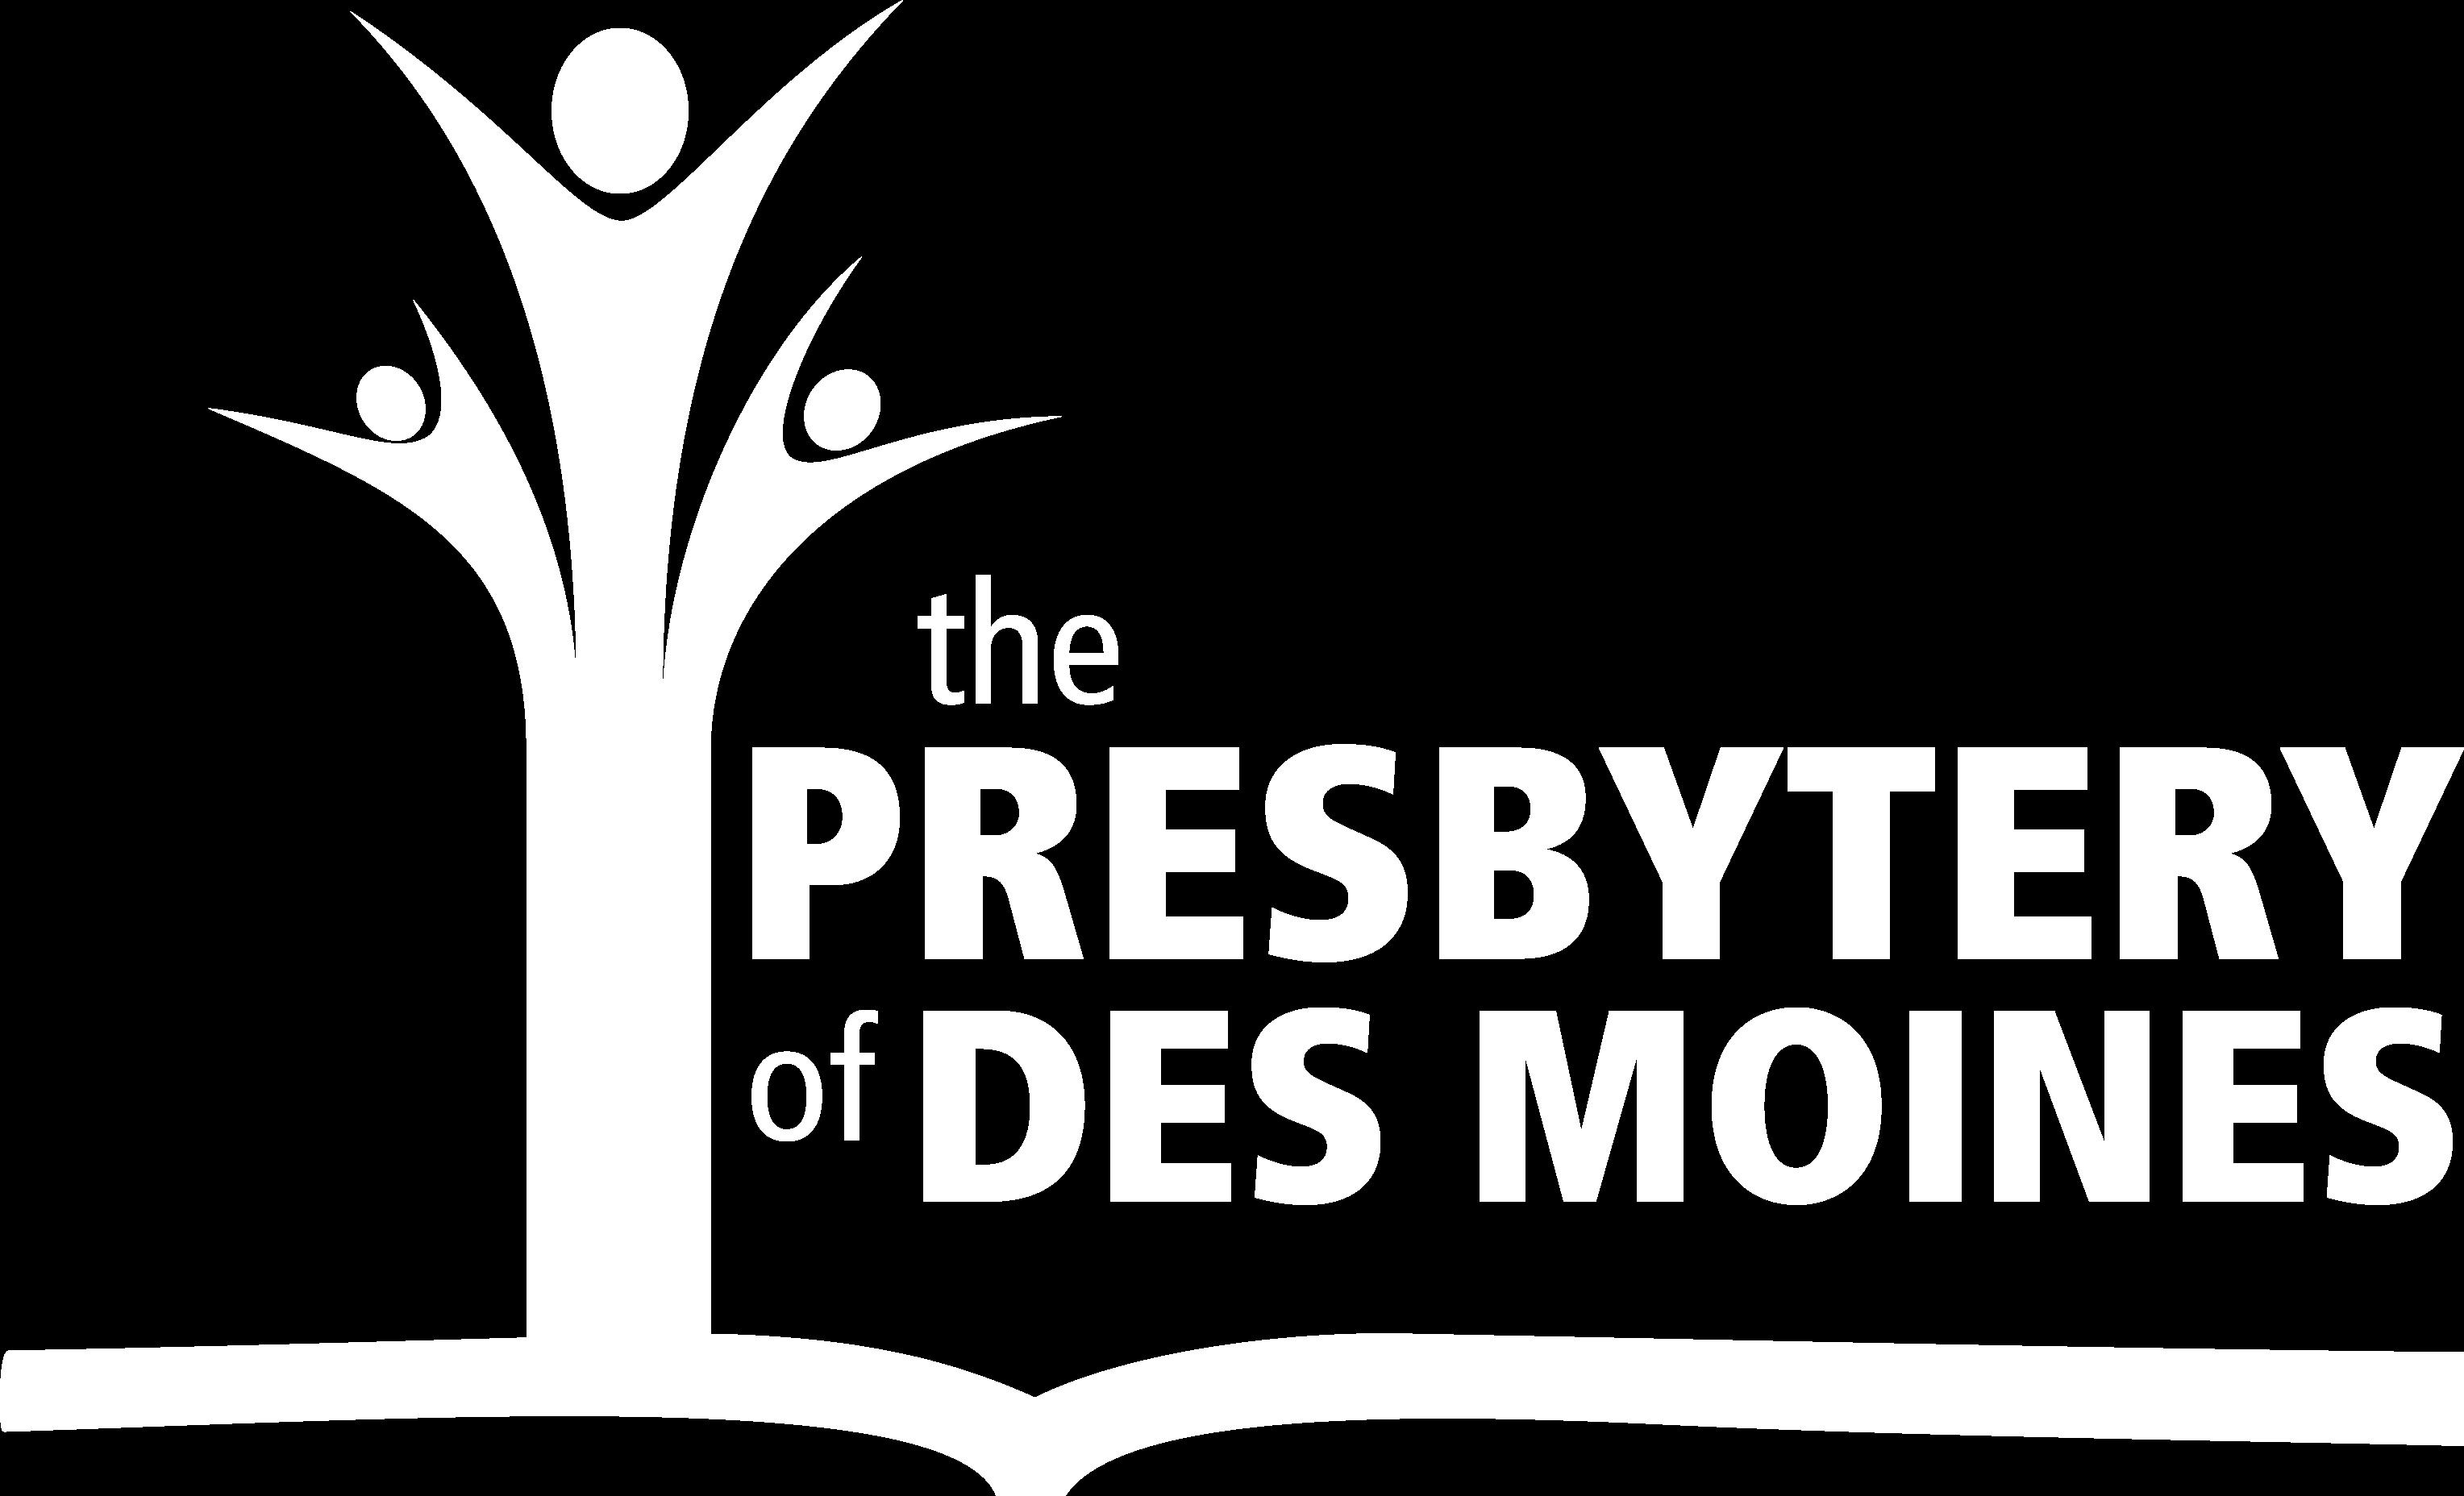 Presbytery of Des Moines